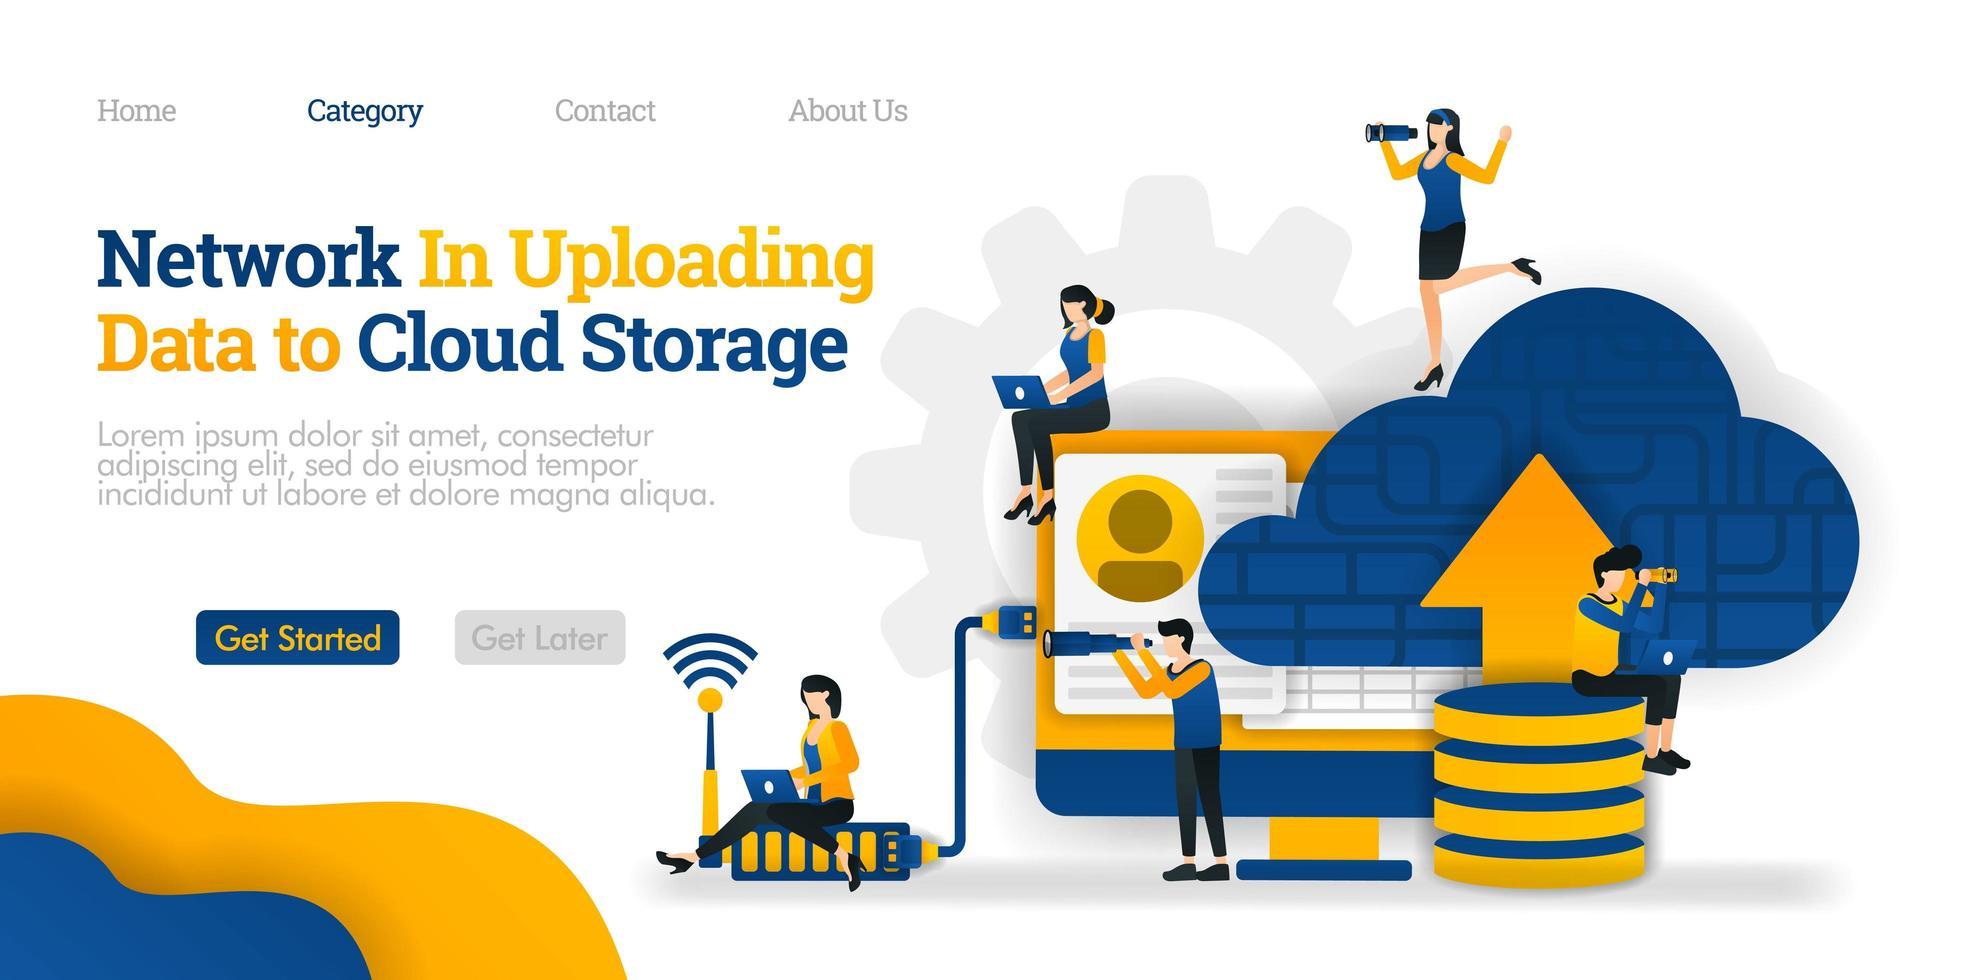 red en la carga de datos al almacenamiento en la nube. cargar datos de la base de datos en la nube para compartirlos. concepto de ilustración plana vectorial, se puede utilizar para, página de destino, plantilla, web, página de inicio, póster, pancarta, folleto vector